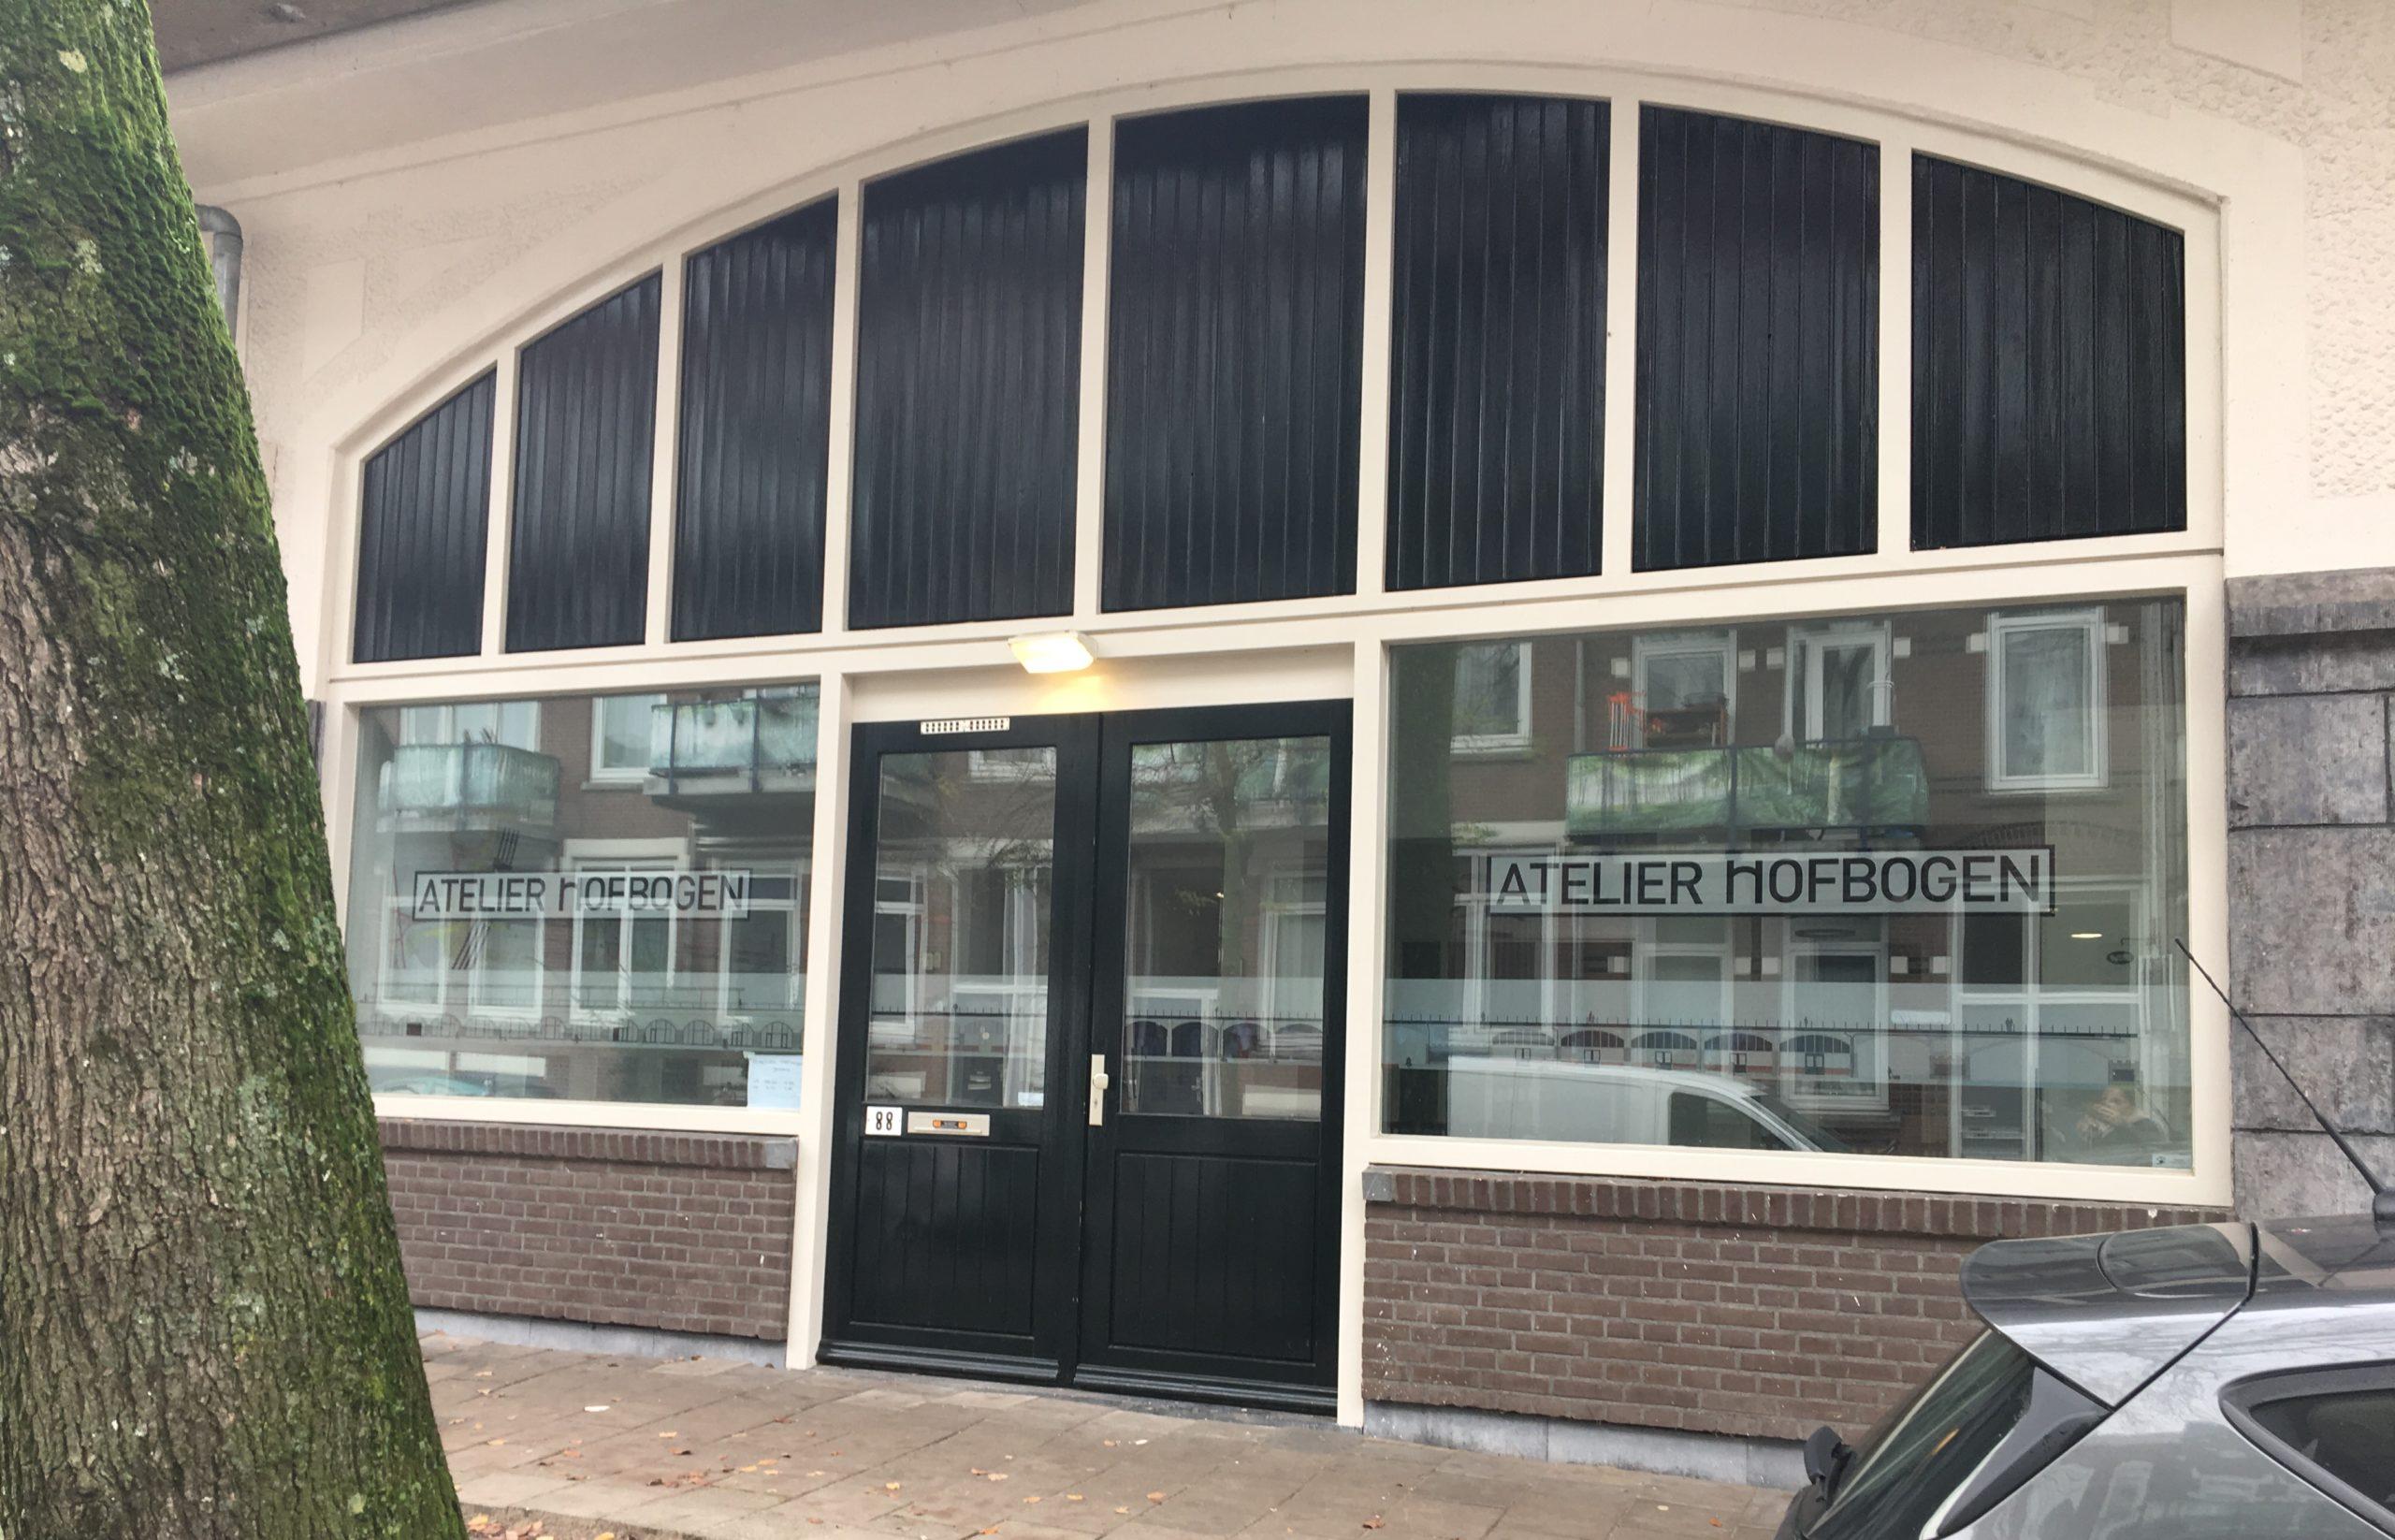 Atelier Hofbogen